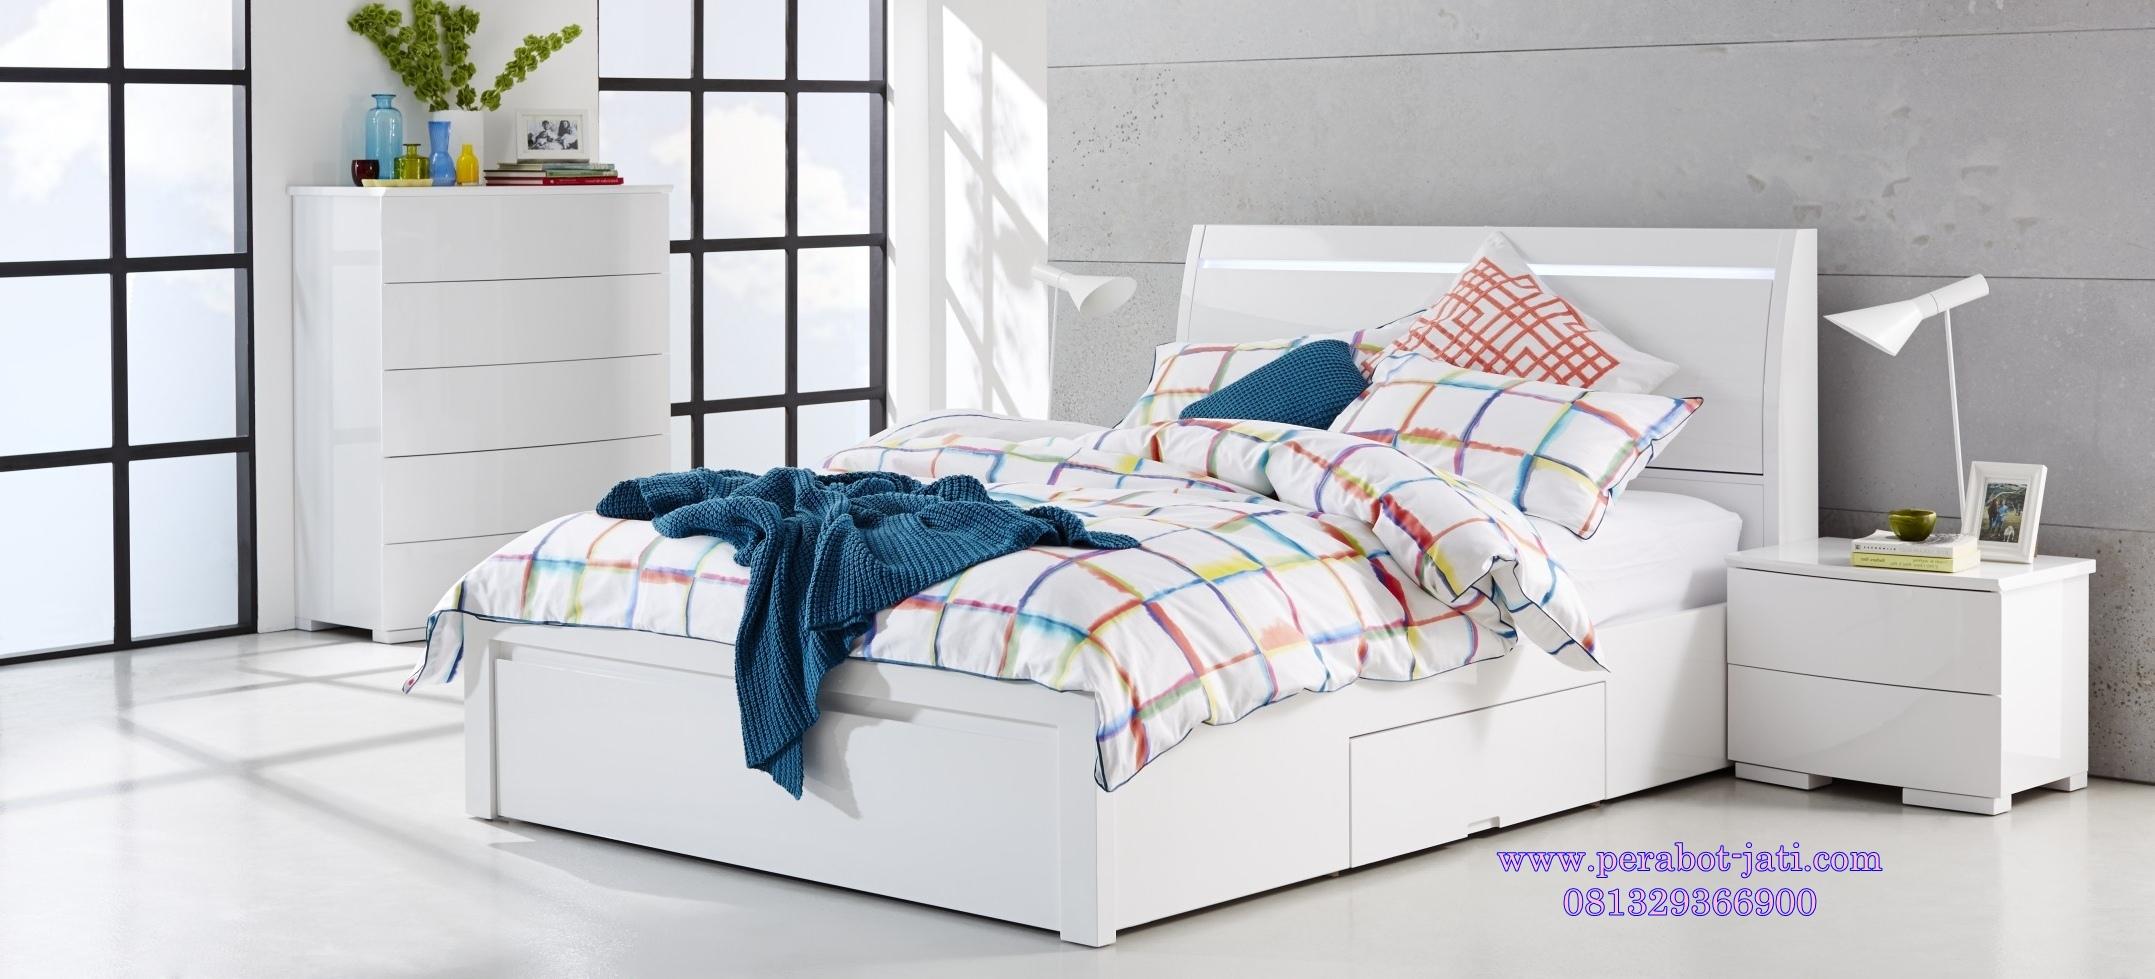 pics photos anak tempat tidur minimalis set